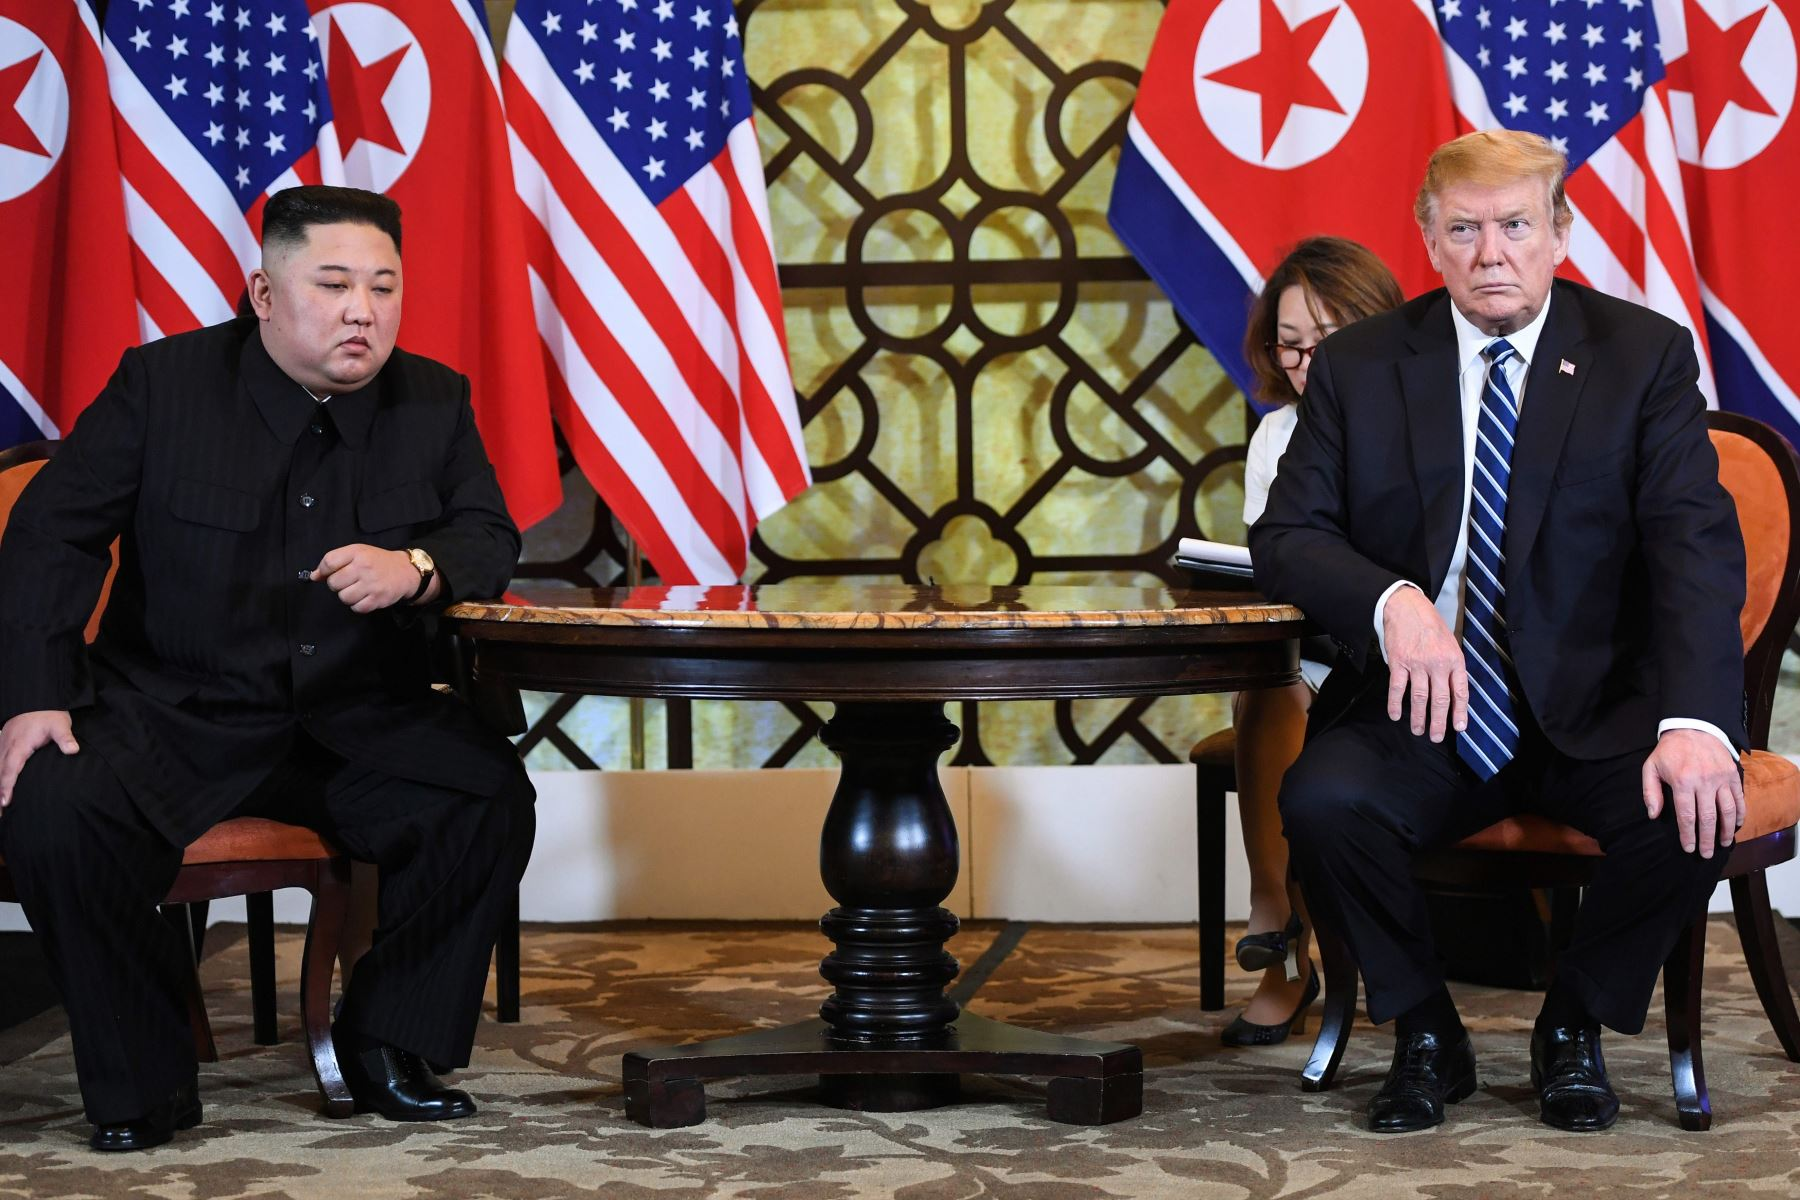 El presidente de los Estados Unidos, Donald Trump (R), y el líder de Corea del Norte, Kim Jong Un, sostuvieron una reunión durante la segunda cumbre entre los Estados Unidos y Corea del Norte. Foto: AFP